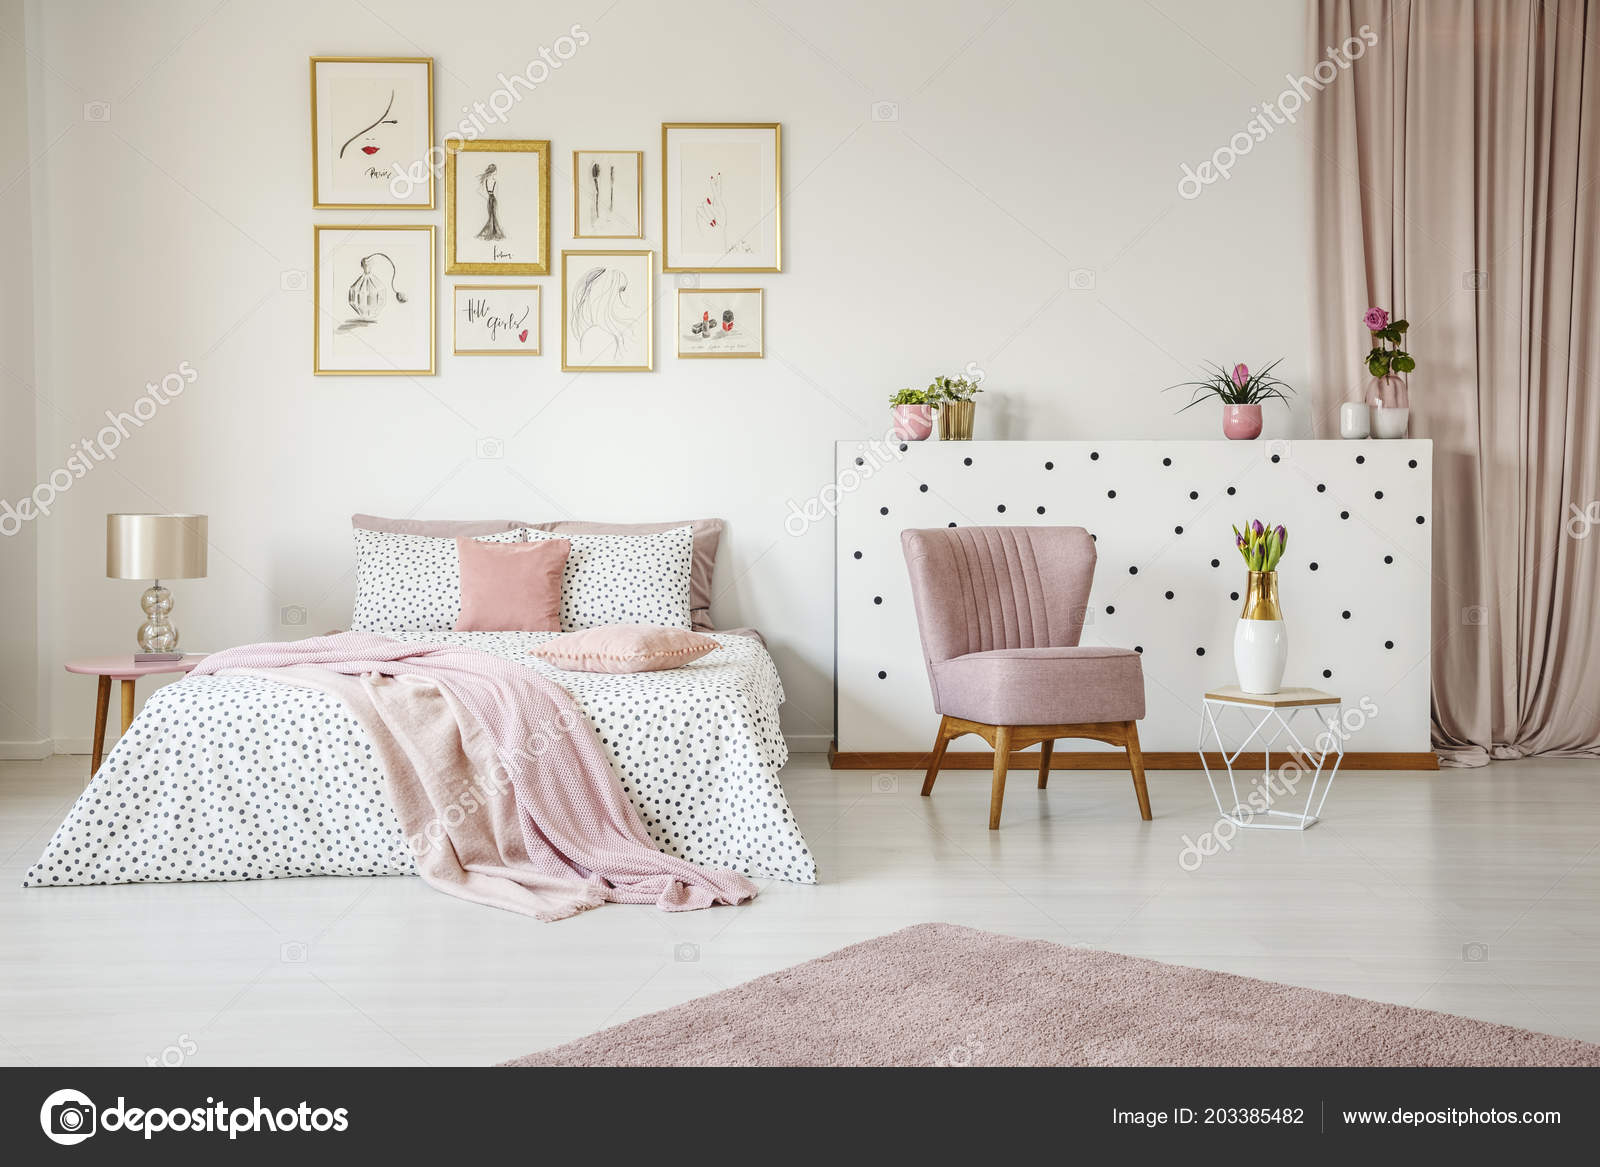 Camera Letto Rosa : Poltrona rosa all interno della spaziosa camera letto con coperta